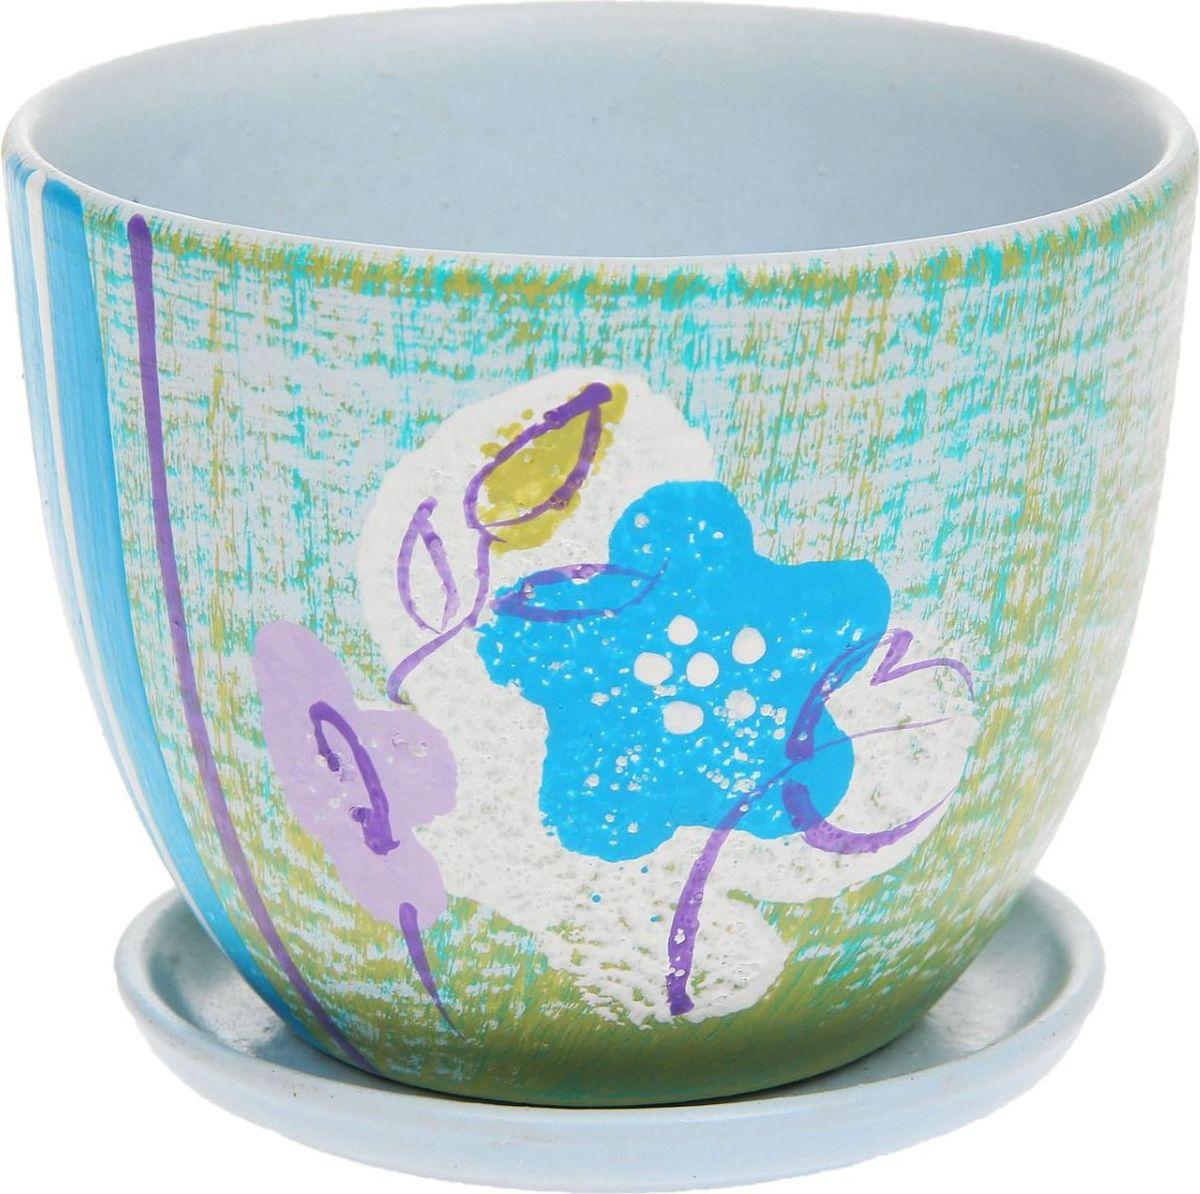 Кашпо Загадка, цвет: голубой, 0,6 л1138588Комнатные растения — всеобщие любимцы. Они радуют глаз, насыщают помещение кислородом и украшают пространство. Каждому из них необходим свой удобный и красивый дом. Кашпо из керамики прекрасно подходят для высадки растений: за счет пластичности глины и разных способов обработки существует великое множество форм и дизайнов пористый материал позволяет испаряться лишней влаге воздух, необходимый для дыхания корней, проникает сквозь керамические стенки! позаботится о зеленом питомце, освежит интерьер и подчеркнет его стиль.